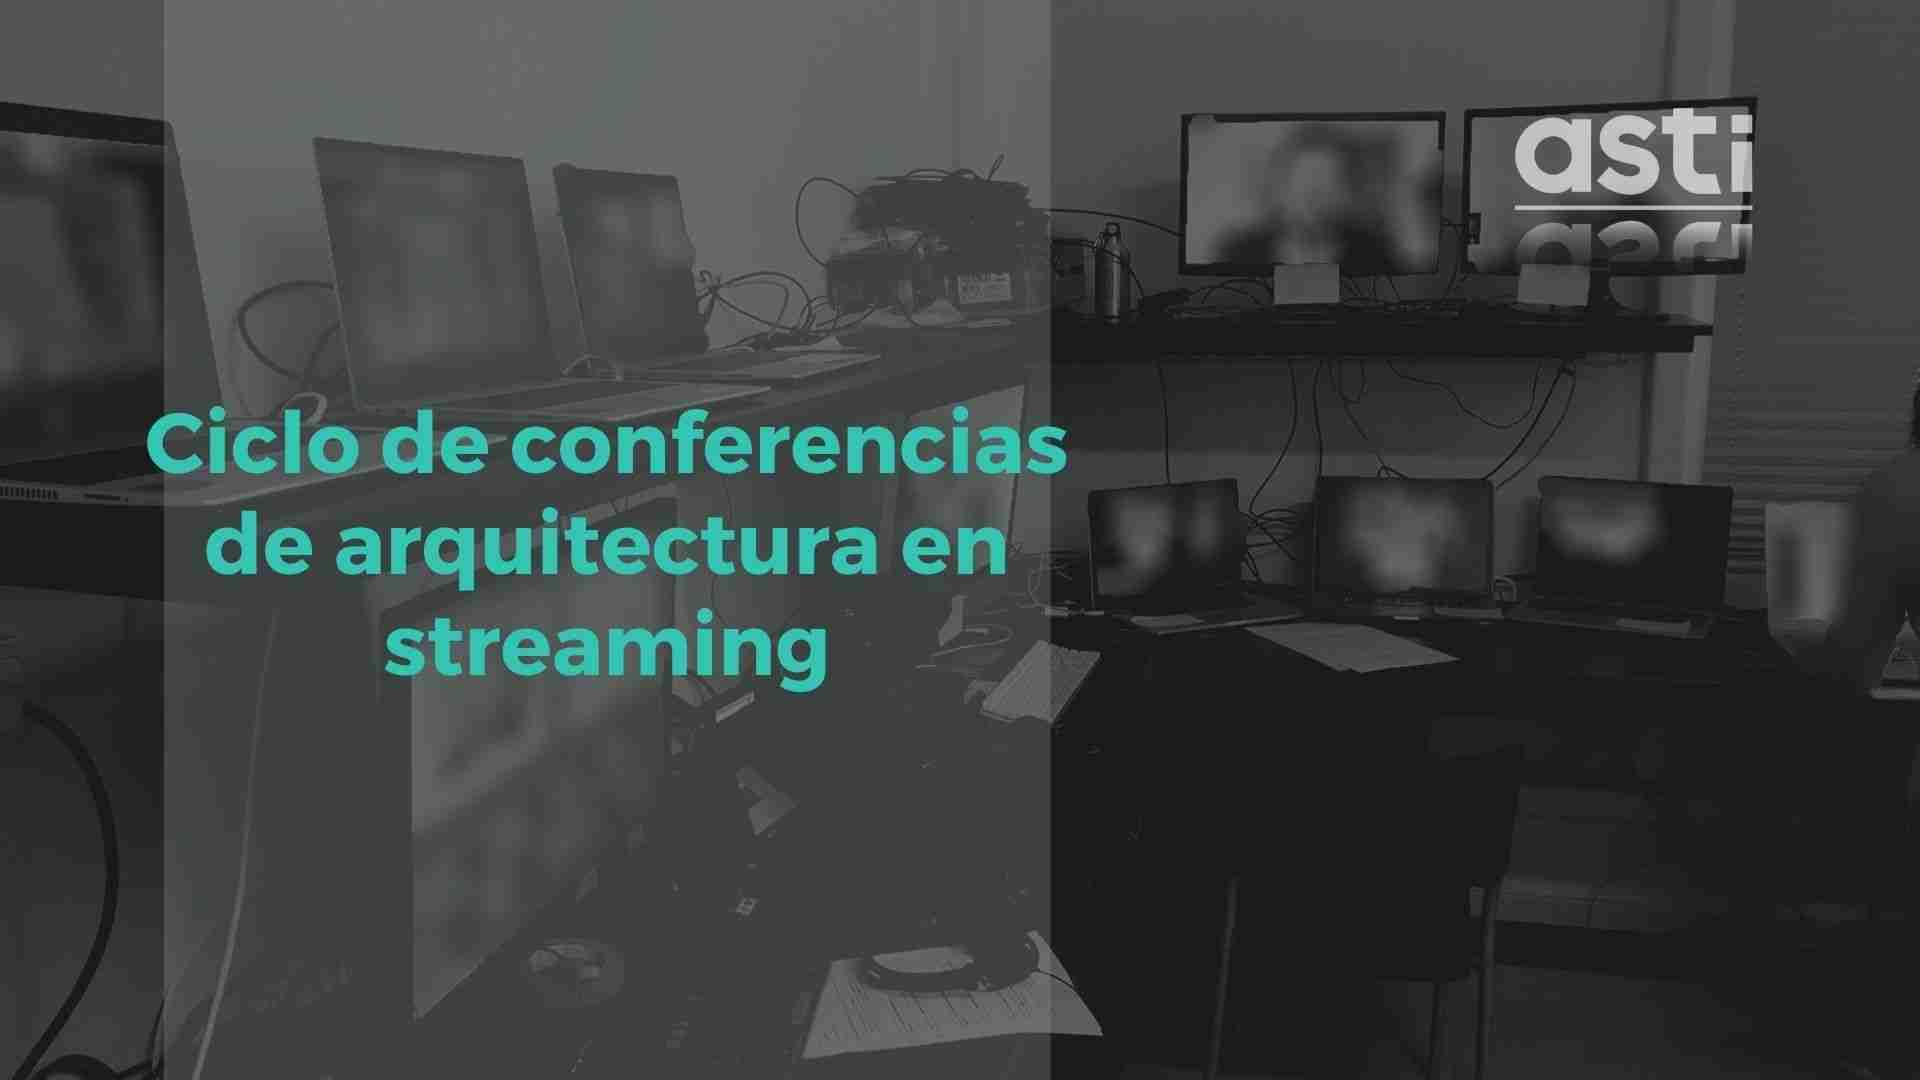 traduccion simultanea remota para conferencias